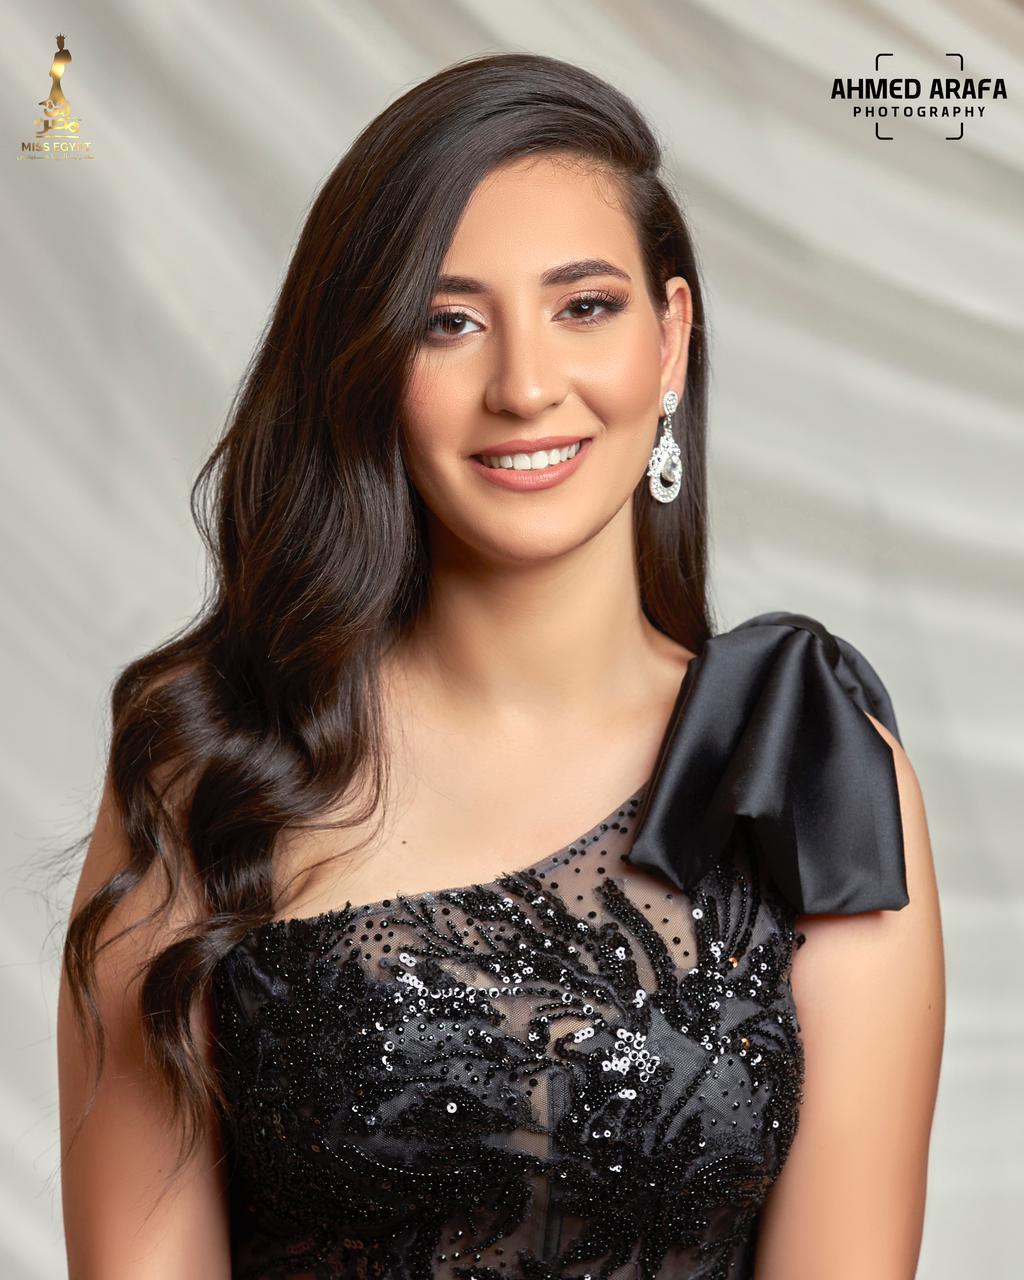 ملكة جمال مصر للسياحة والبيئة (6)